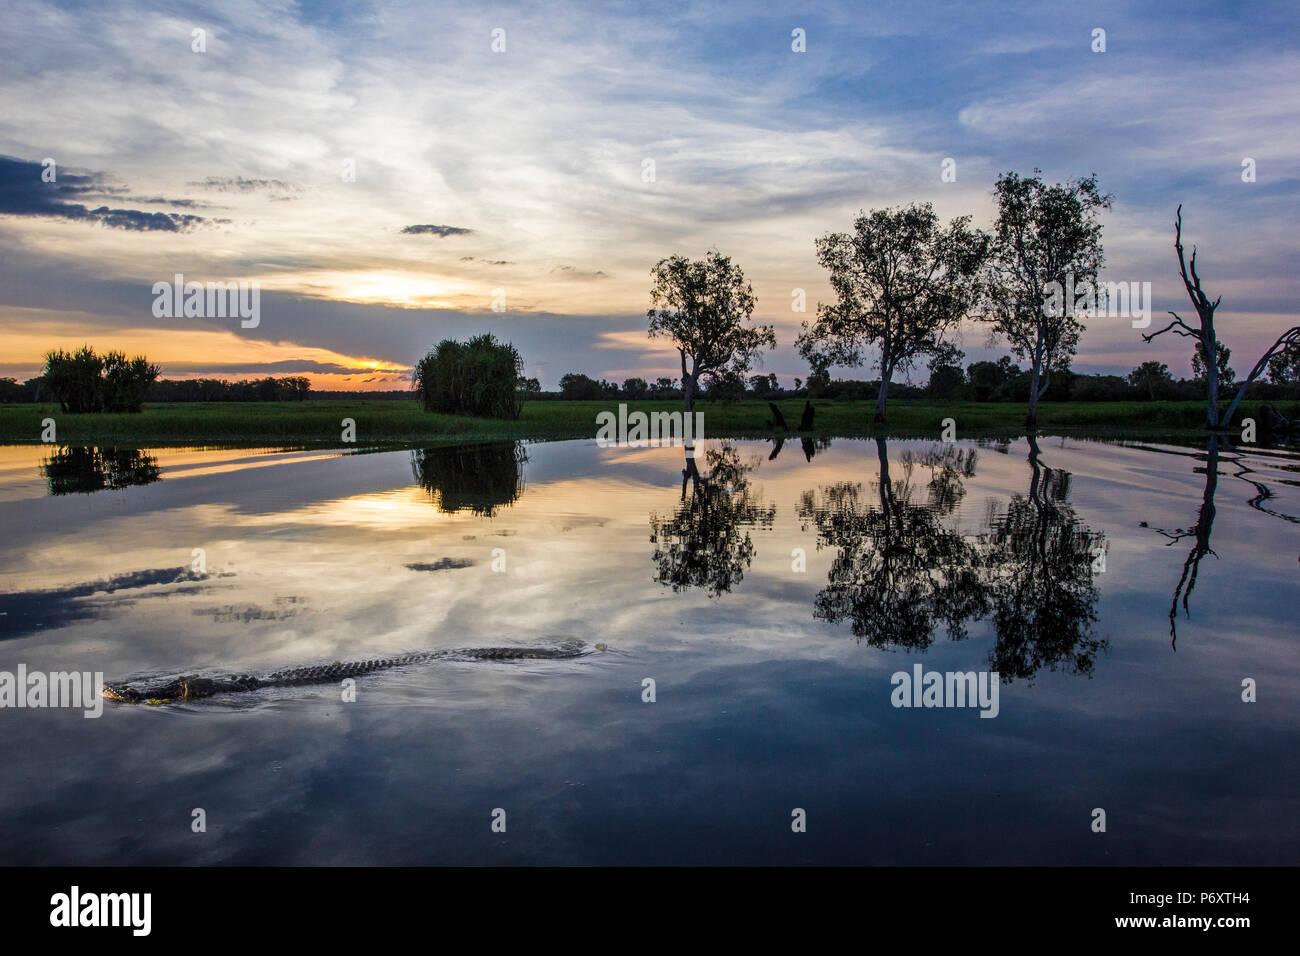 Kakadu National Park, l'estremità superiore del Territorio del Nord, l'Australia. Cannibal acqua salata croc in acqua gialla Billabong Foto Stock